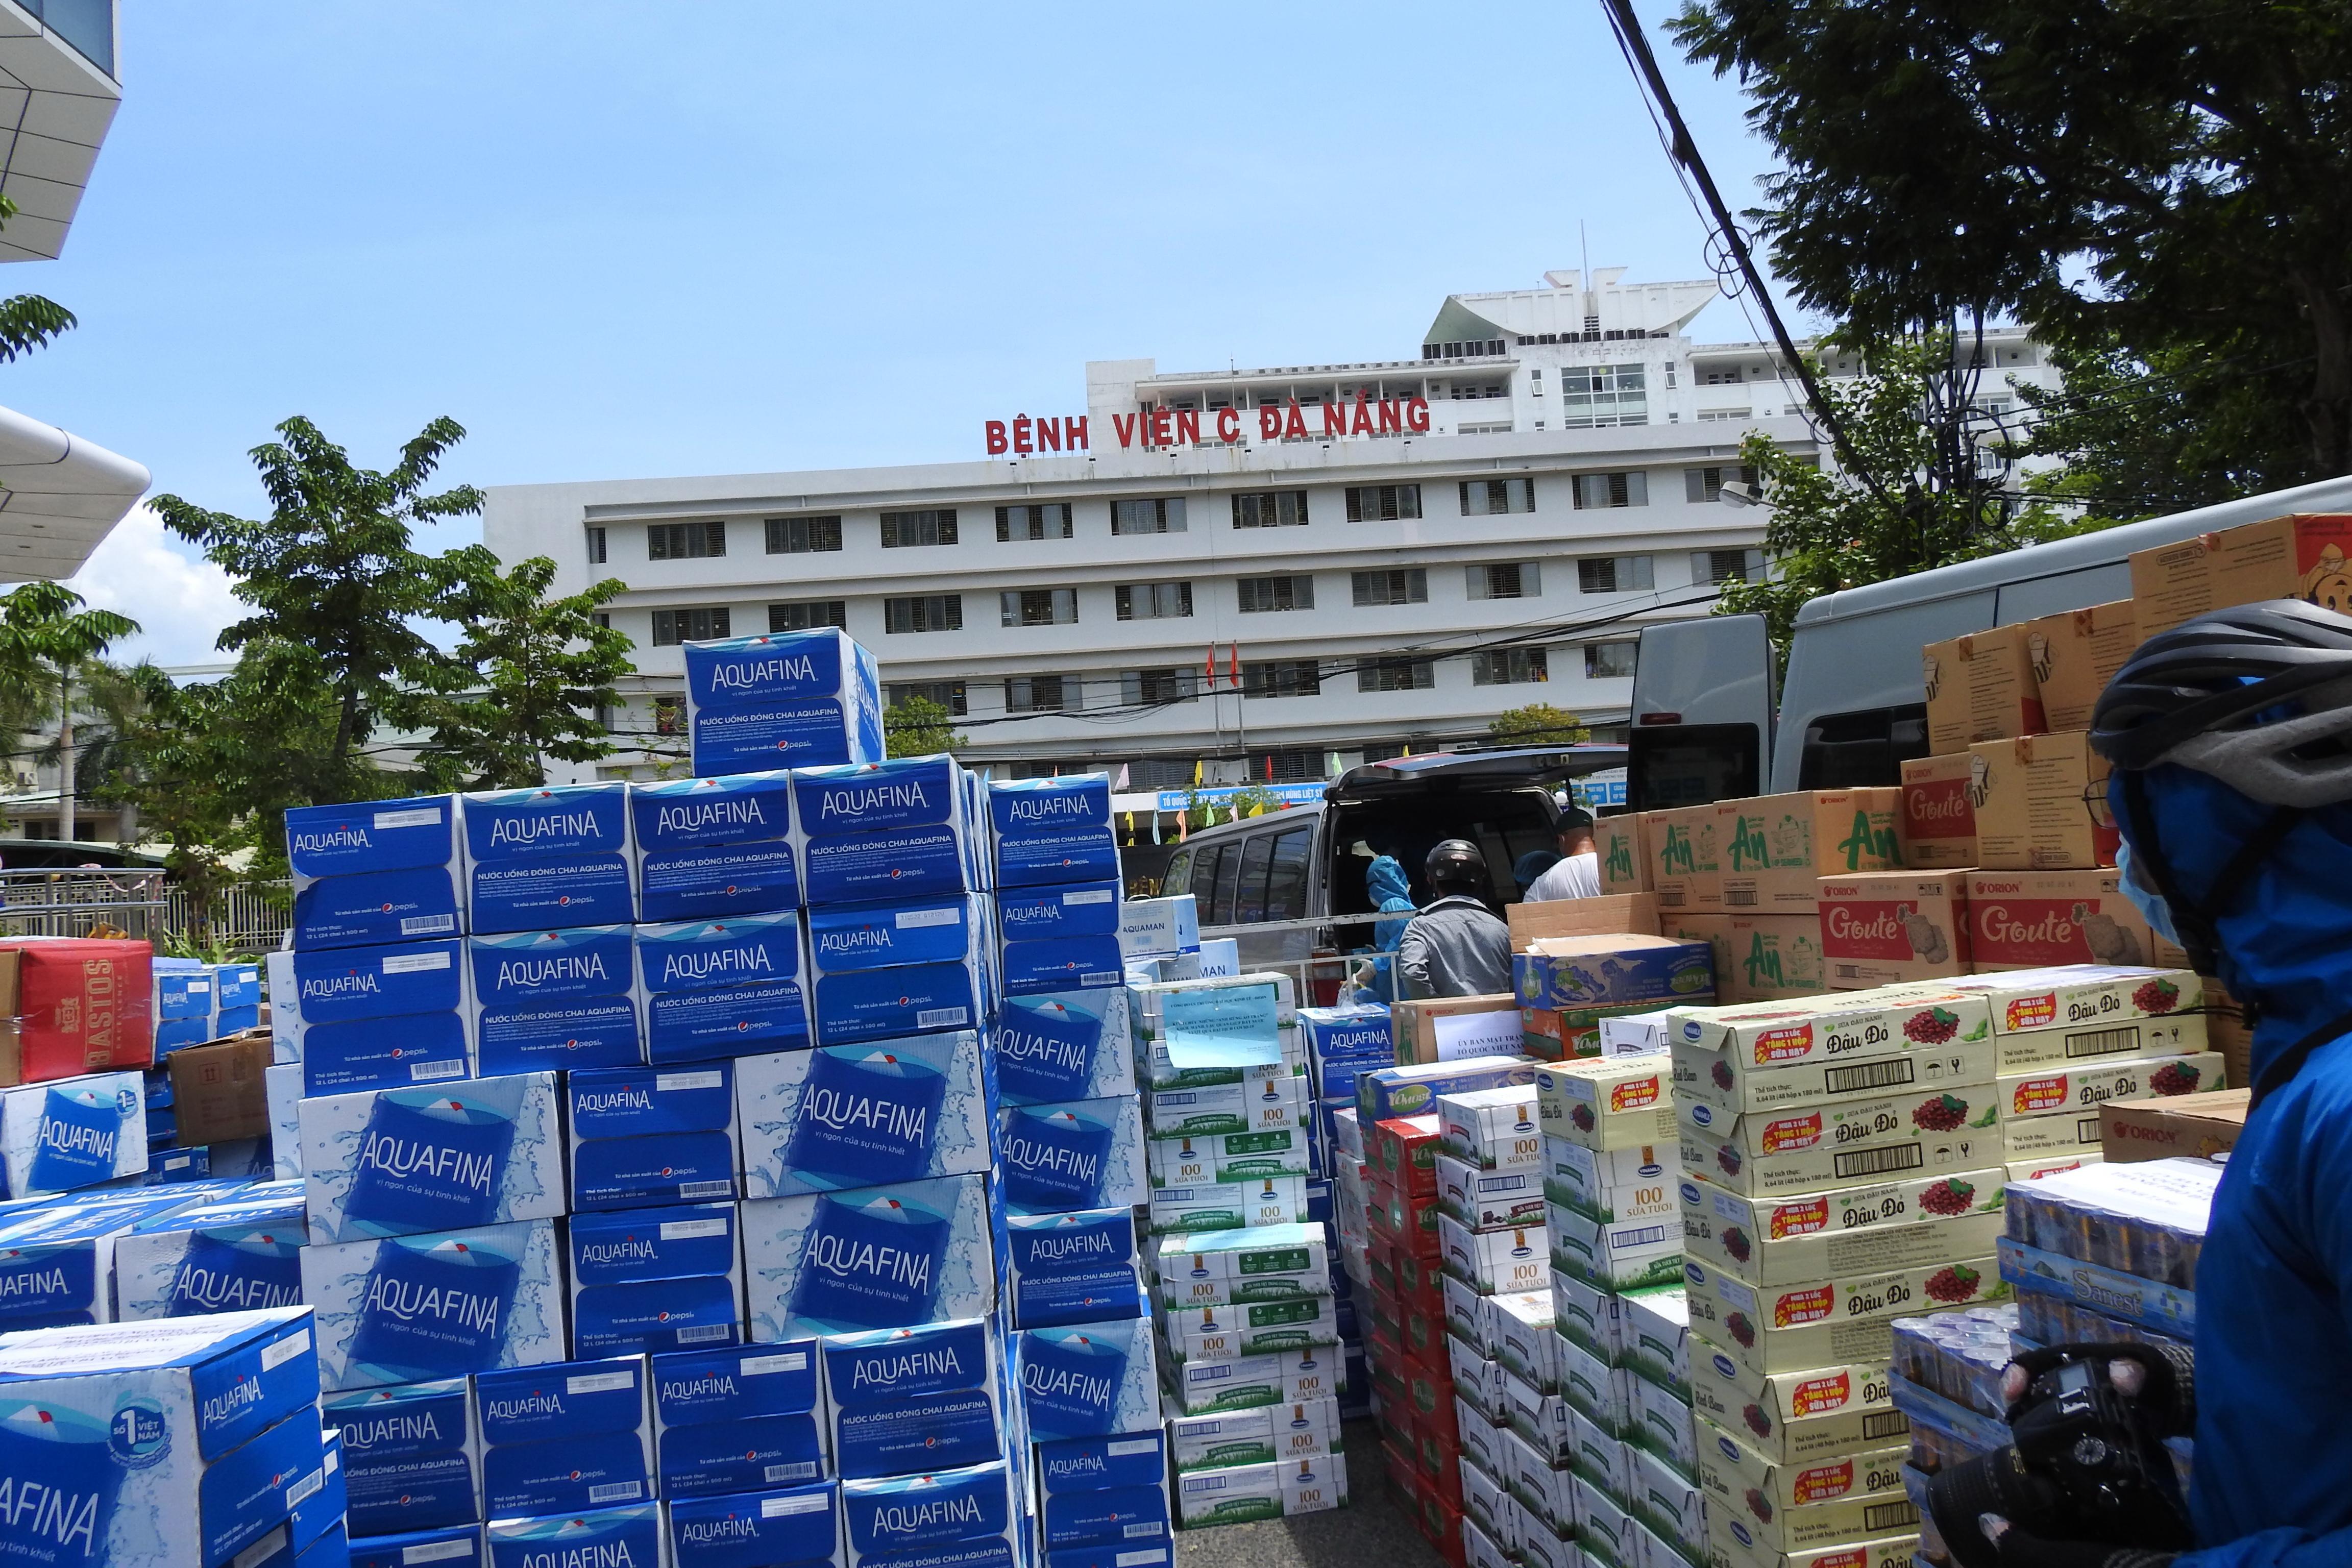 Hàng hóa được các nhà hảo tâm tập kết trước rào chắn cách ly Bệnh viện C (Đà Nẵng) để chuyển cho bệnh nhân và y, bác sỹ làm nhiệm vụ.